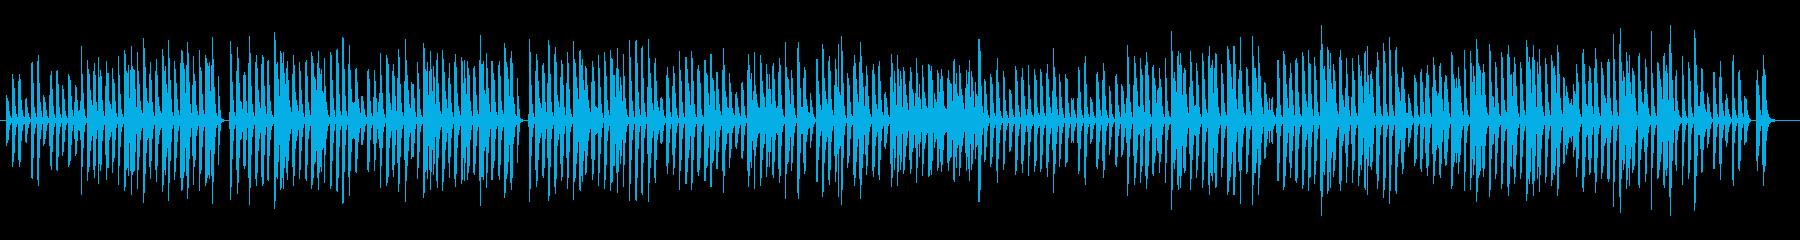 ほのぼのした軽快で可愛らし曲の再生済みの波形